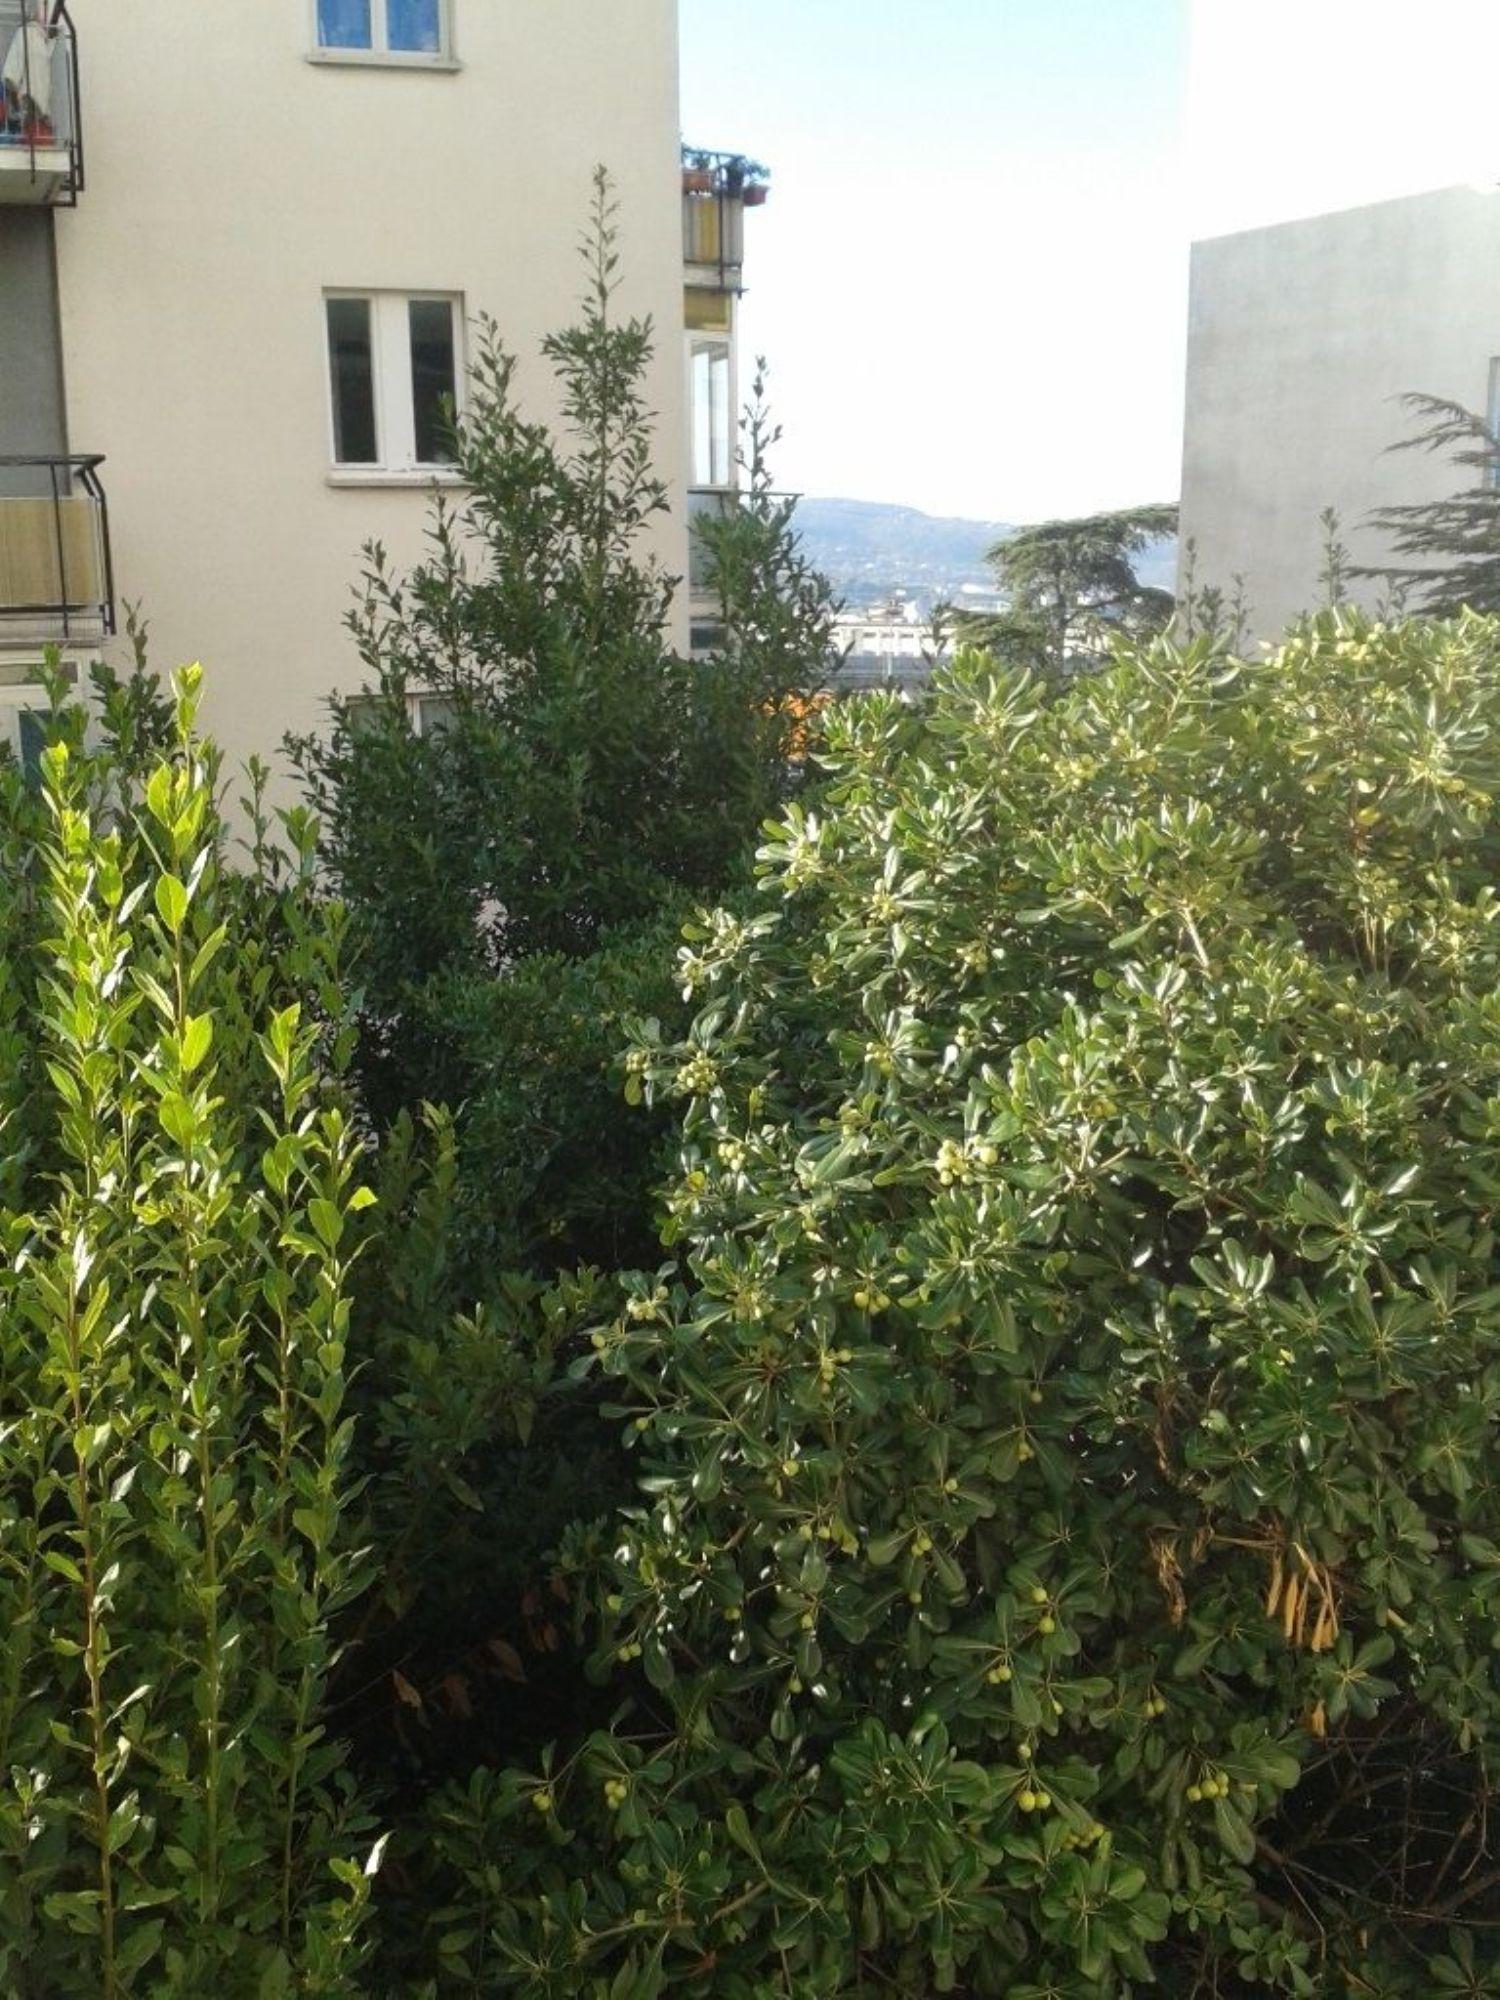 Appartamento in vendita a Trieste, 4 locali, prezzo € 66.500 | Cambio Casa.it